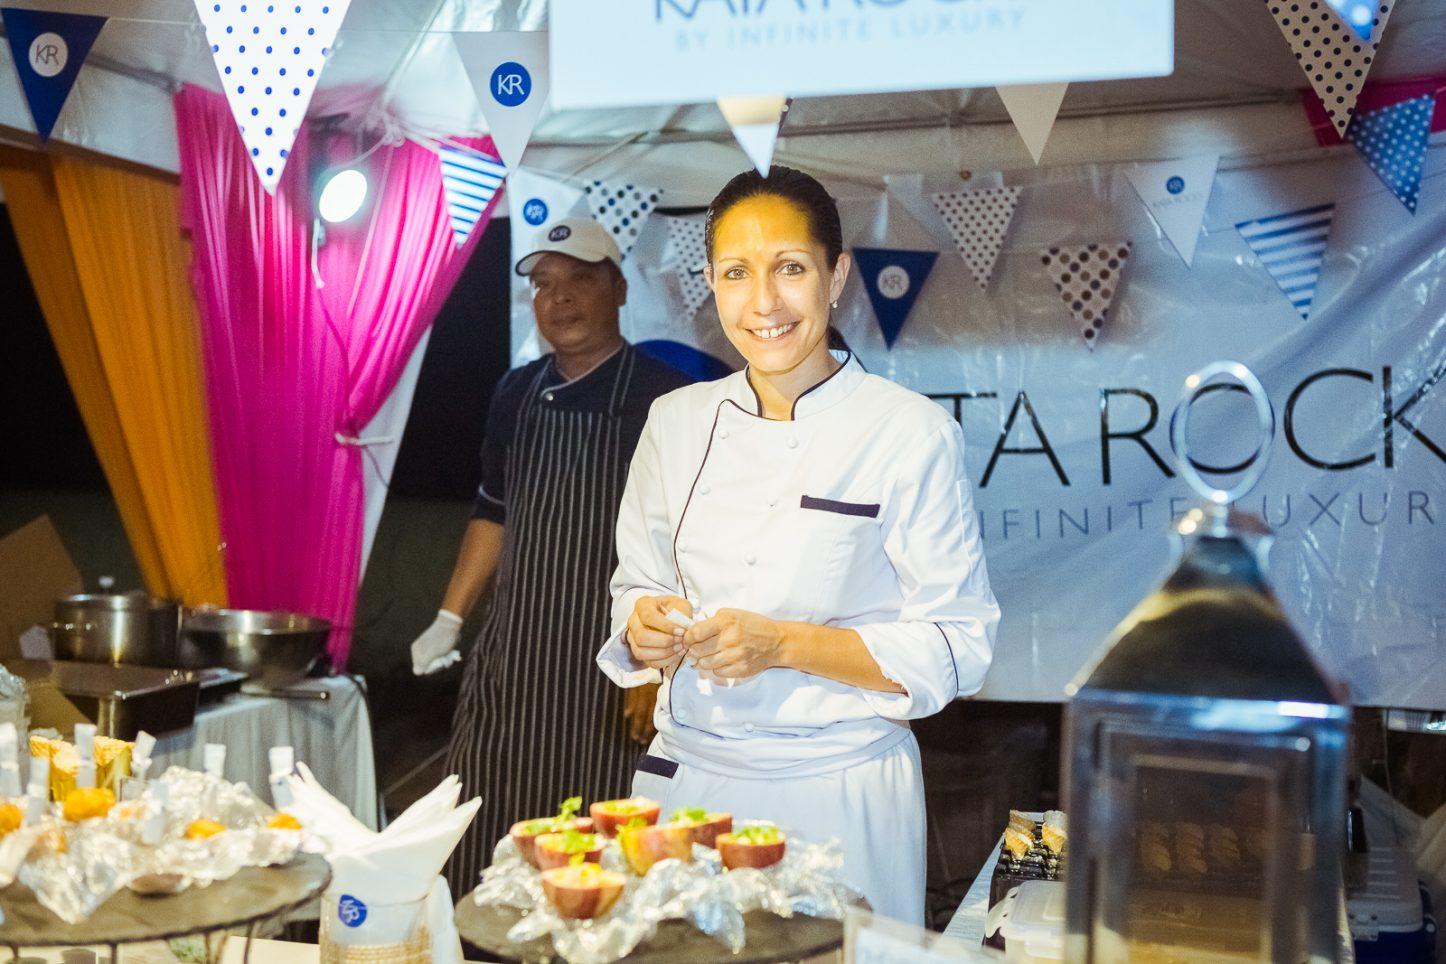 Kata Rocks Pops Up at Phuket Has Been Good to Us - Phuket Charity event